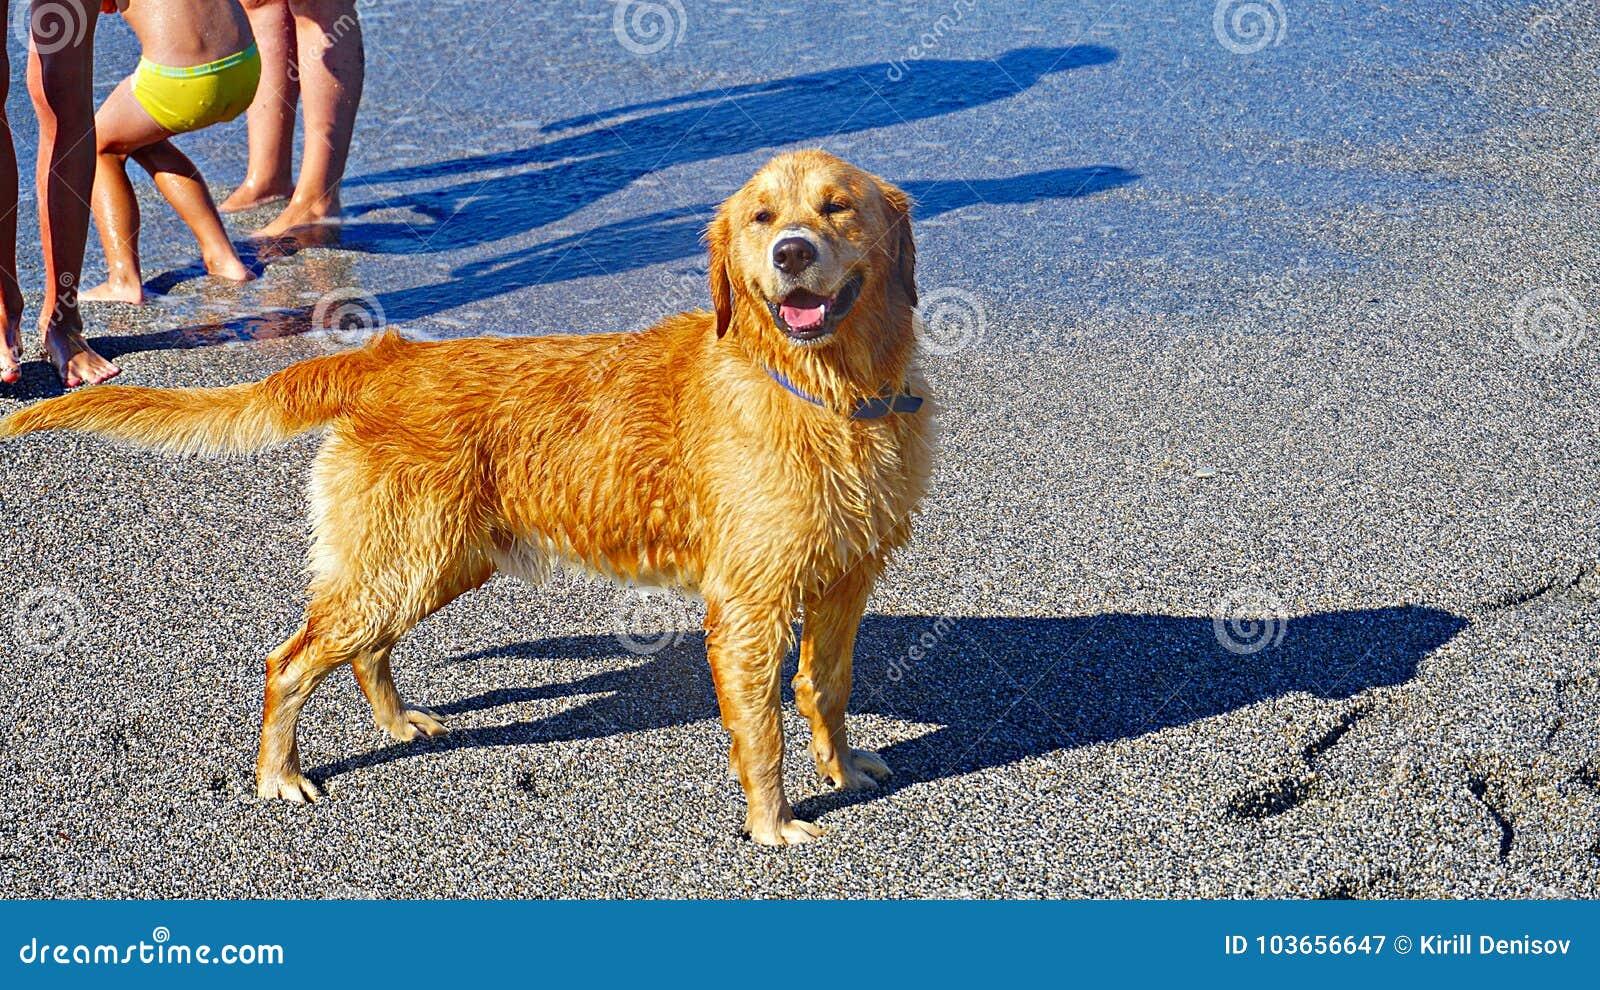 Χρυσό Retriever παιχνίδι σκυλιών στη Μεσόγειο Ευτυχές κουτάβι που απολαμβάνει το παιχνίδι με τον ιδιοκτήτη του Φιλικό απόθεμα σκυ